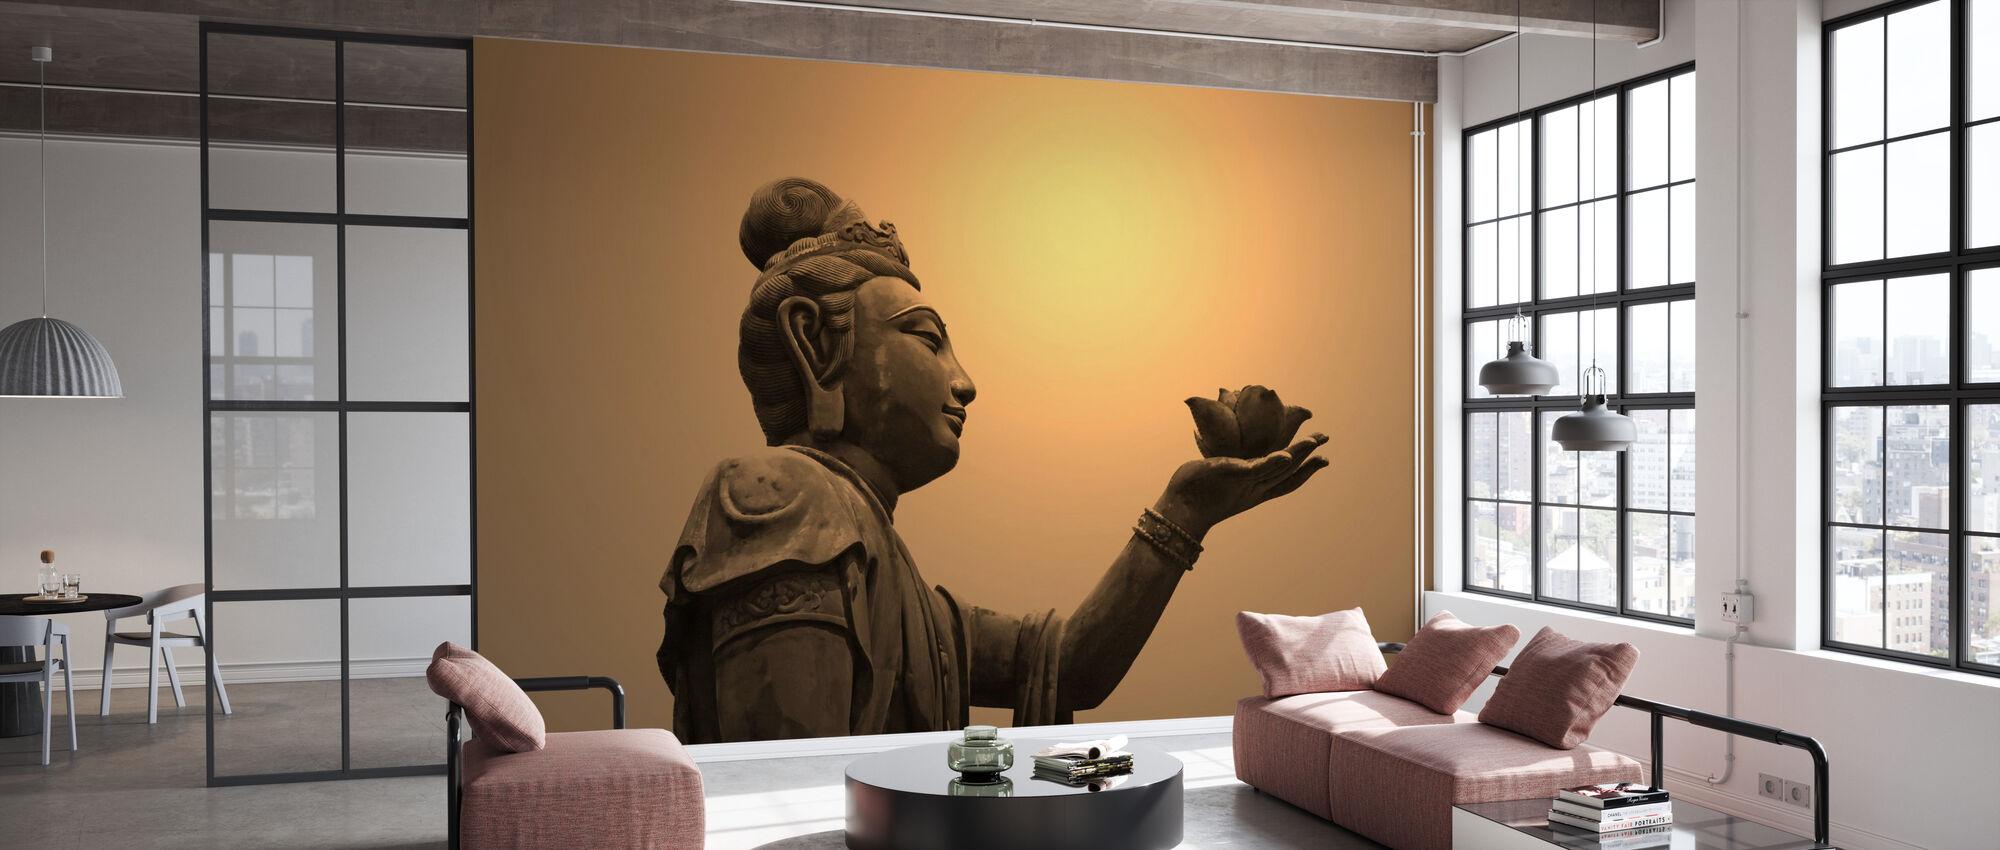 Buddhist Statue, Hong Kong - Wallpaper - Office